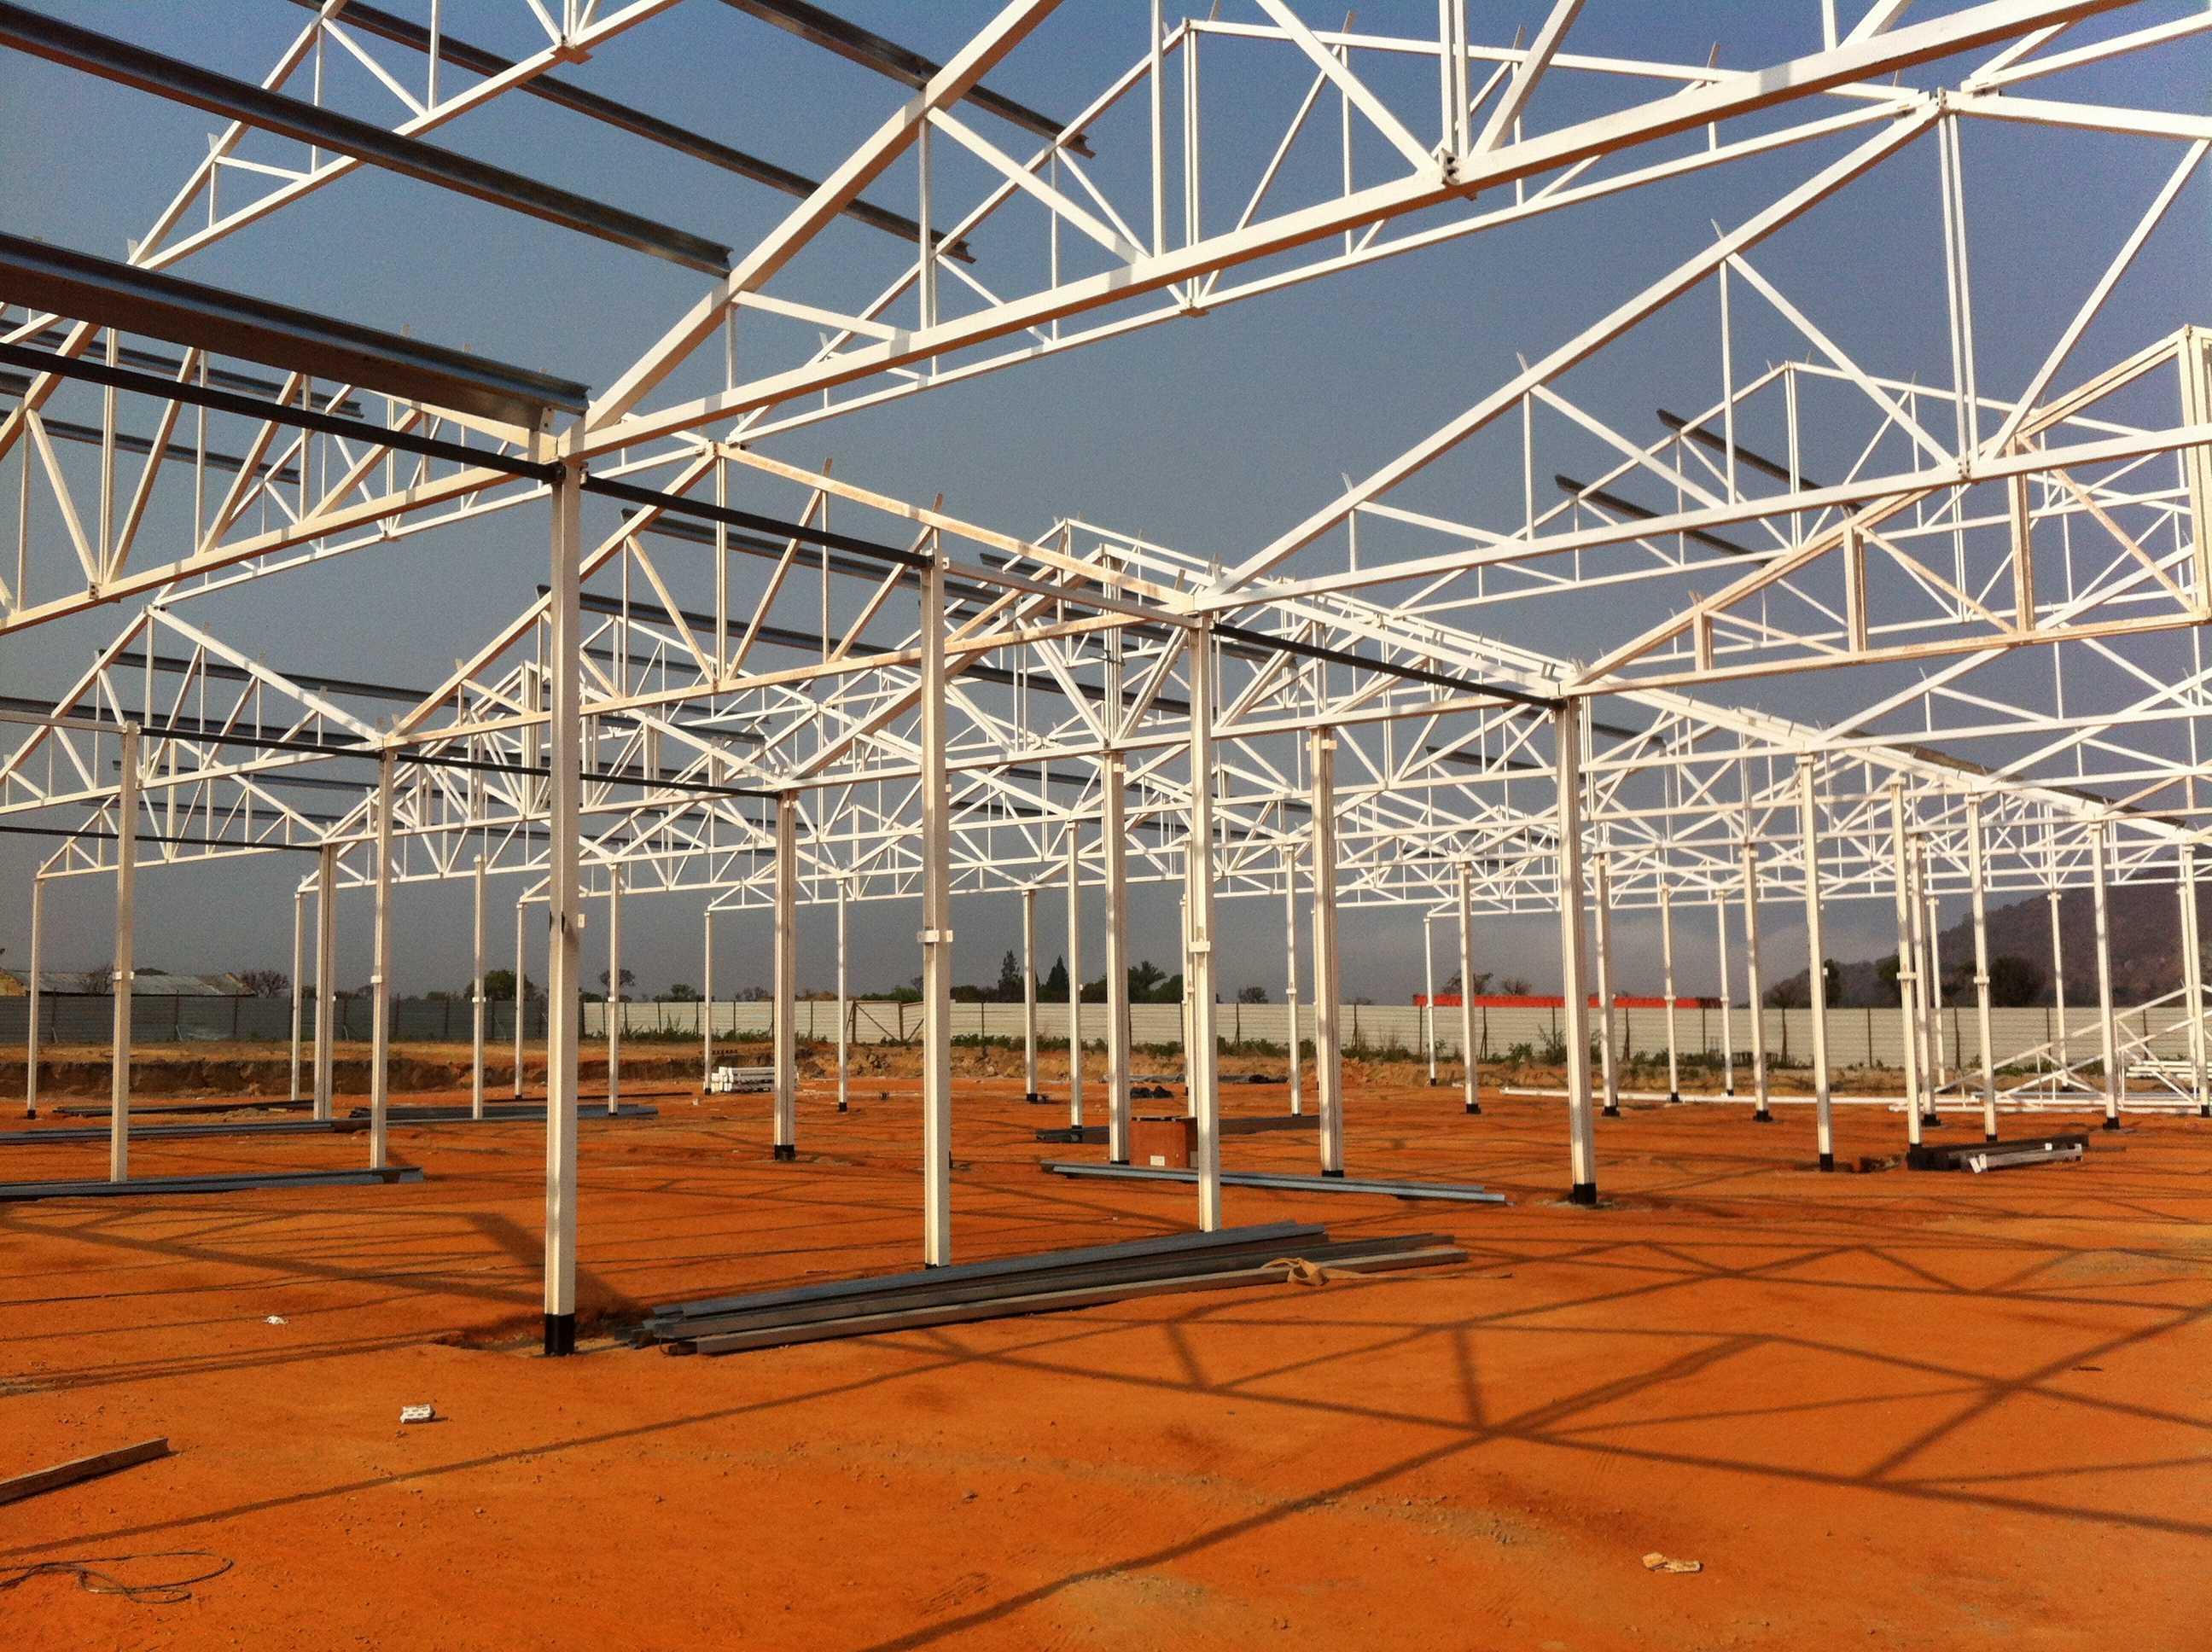 Mercado en Quibala, Centro Logístico de Distribuição Henrique Barbosa (ANGOLA)</br></br> 2014</br></br> <h4>Cliente: Equipo 01 (Jesús San Vicente)</h4>